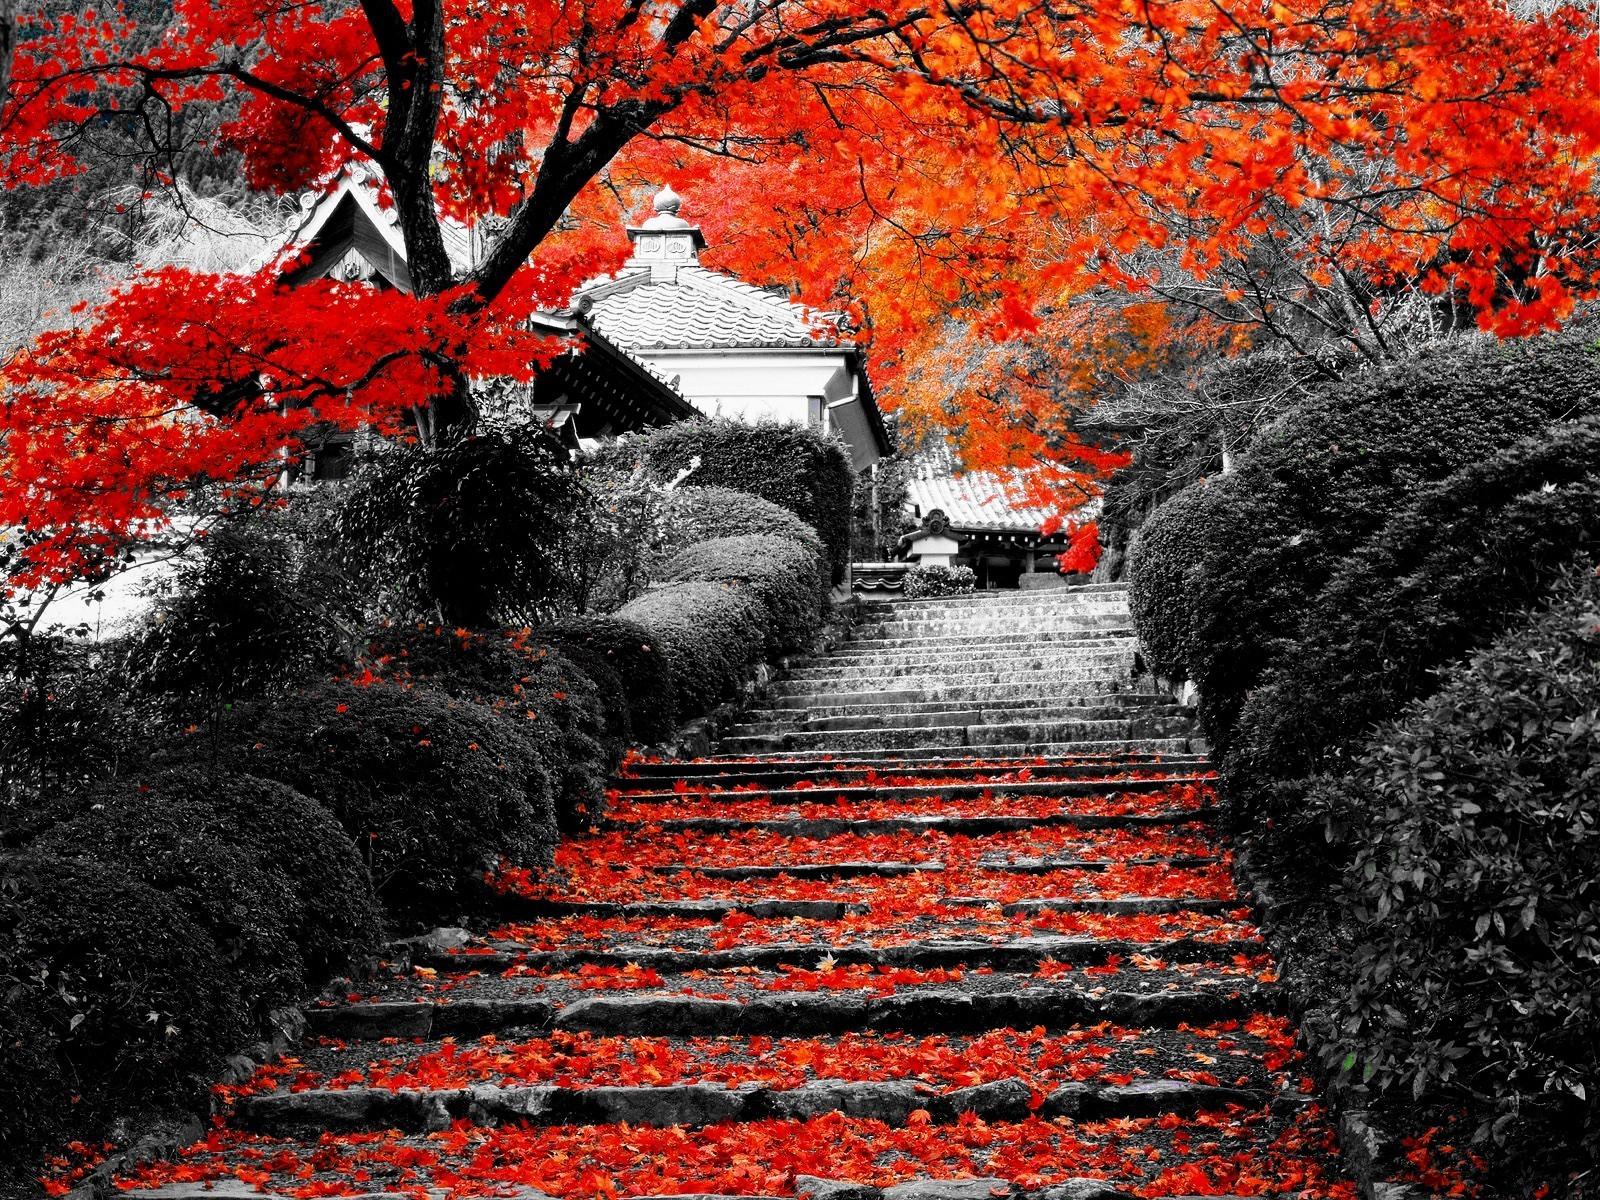 Осень 2020 - начало сезона по китайскому календарю